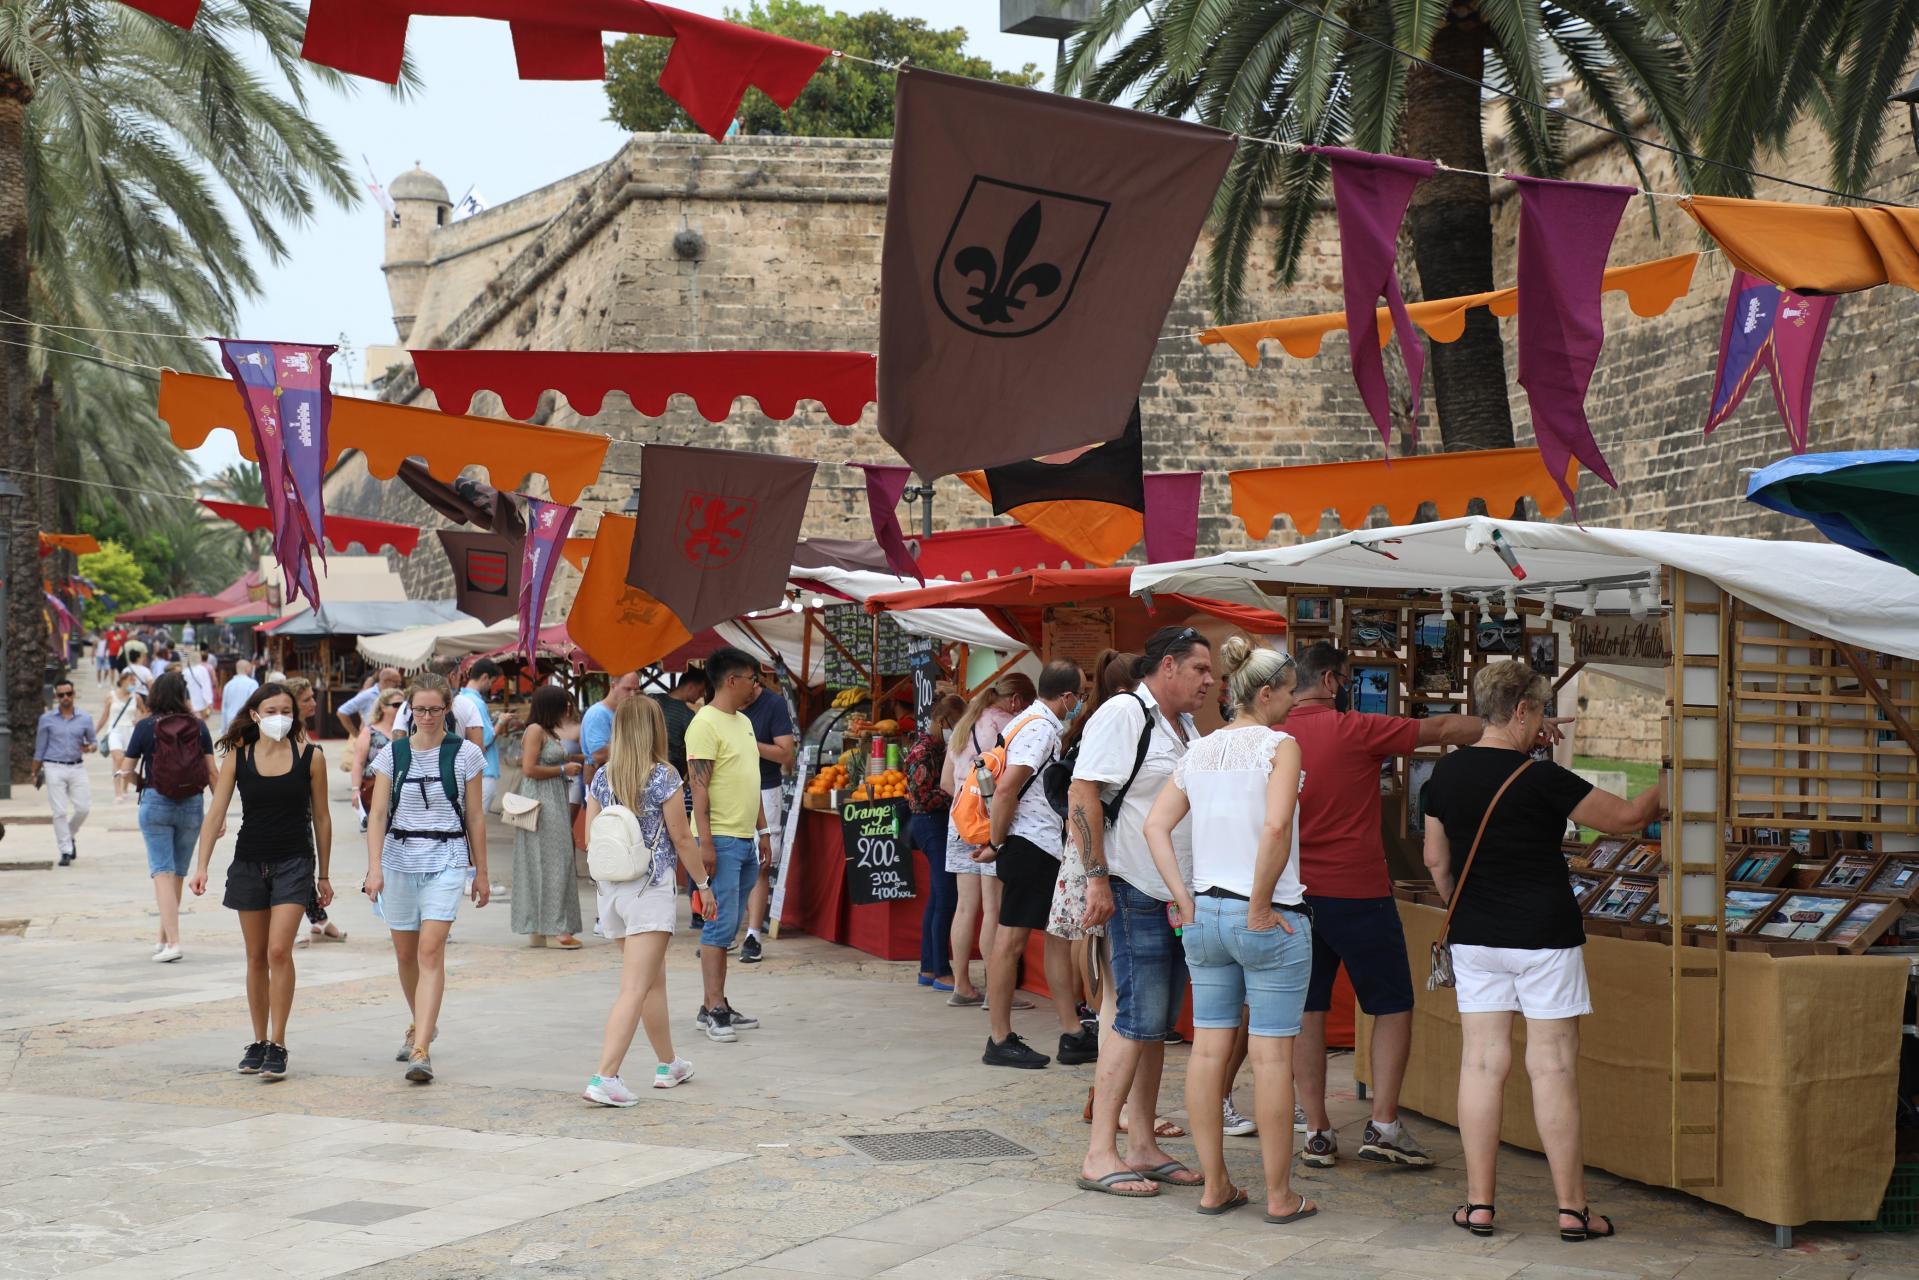 Medieval market in Palma